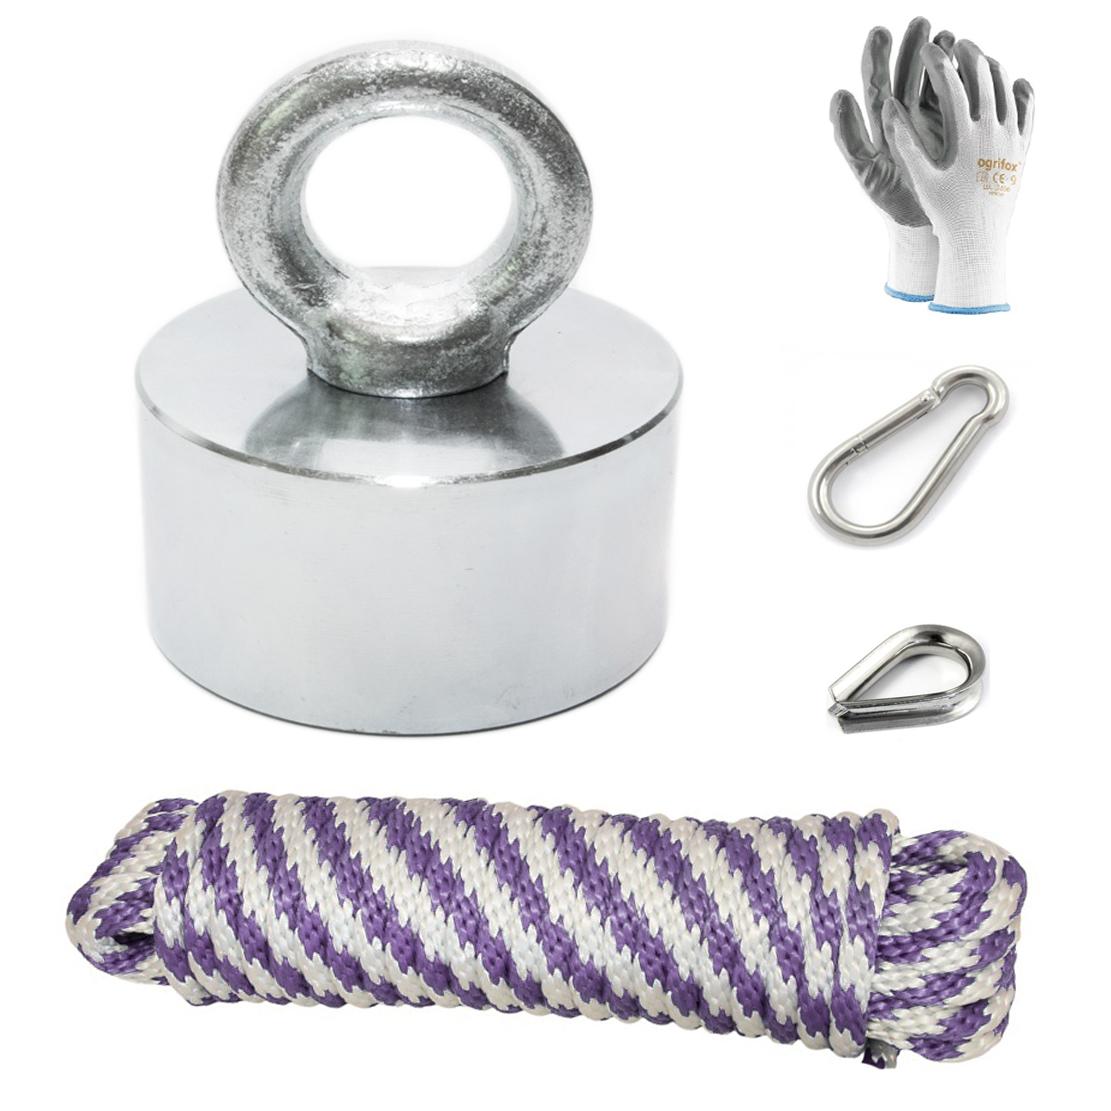 ДЕРЖАТЕЛЬ грузоподъемность - 200 кг - неодимовый магнит + коробка